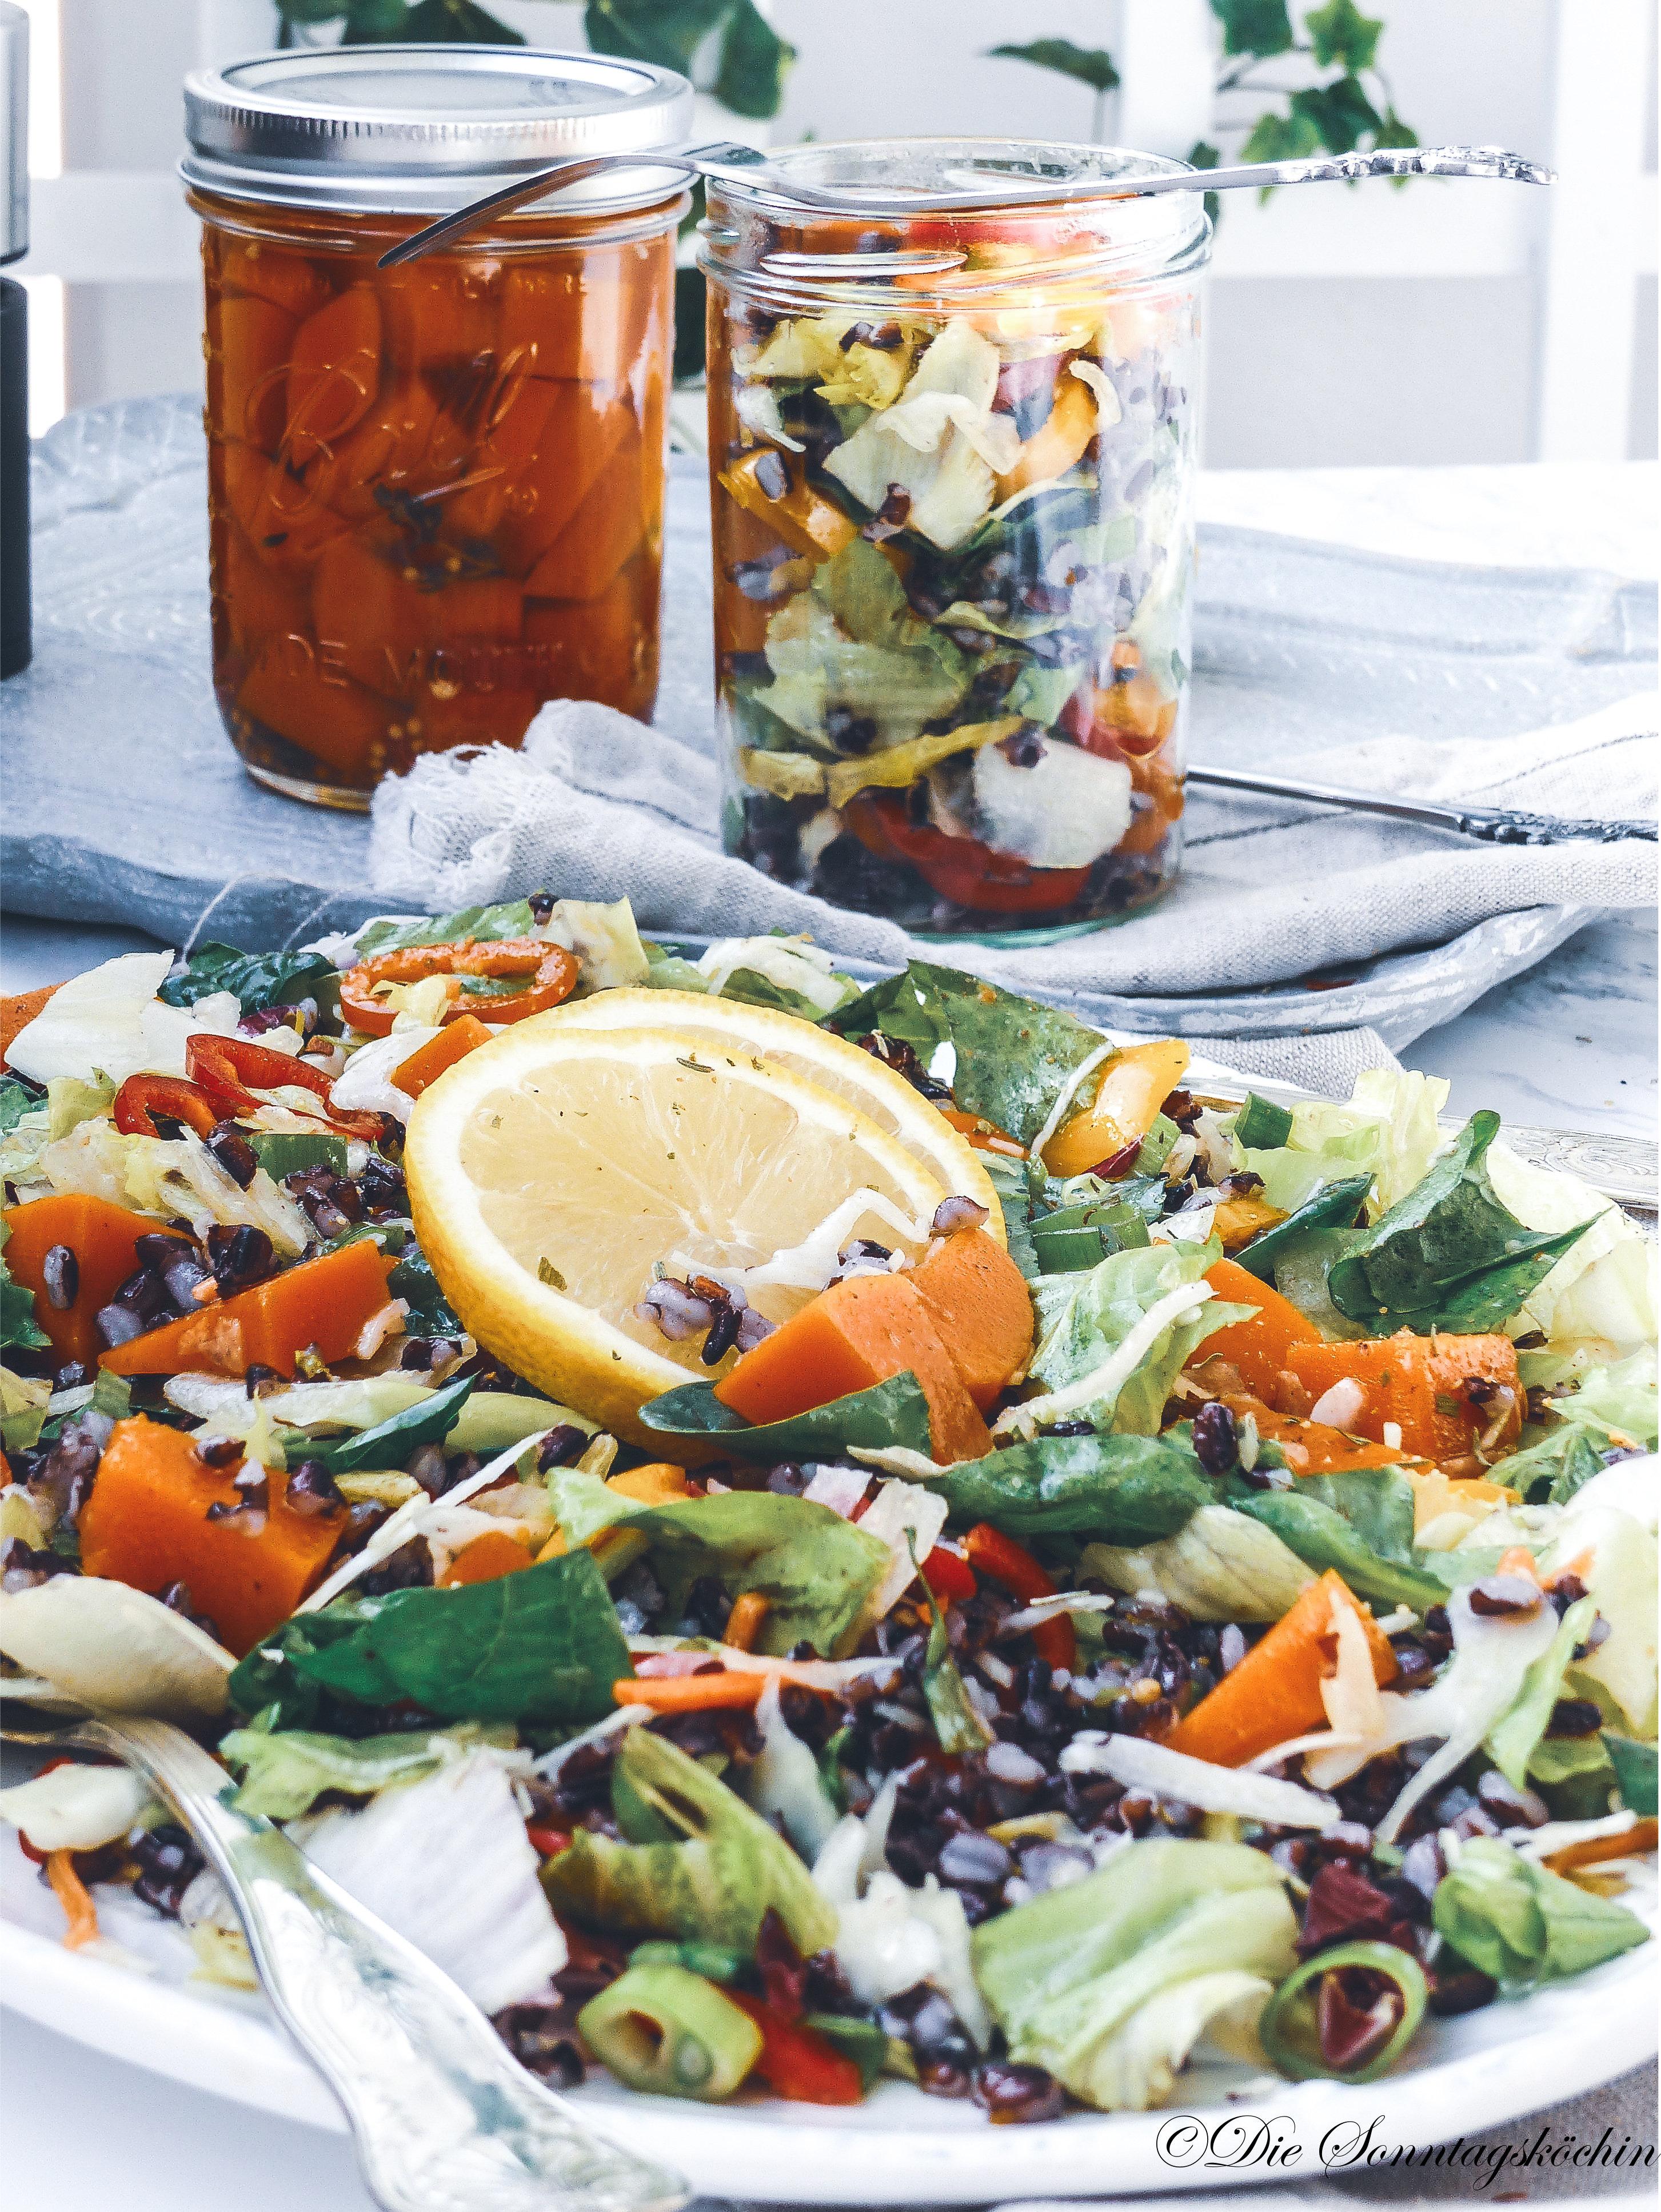 Wildreis Salat mit süss-sauer eingelegtem Kürbis